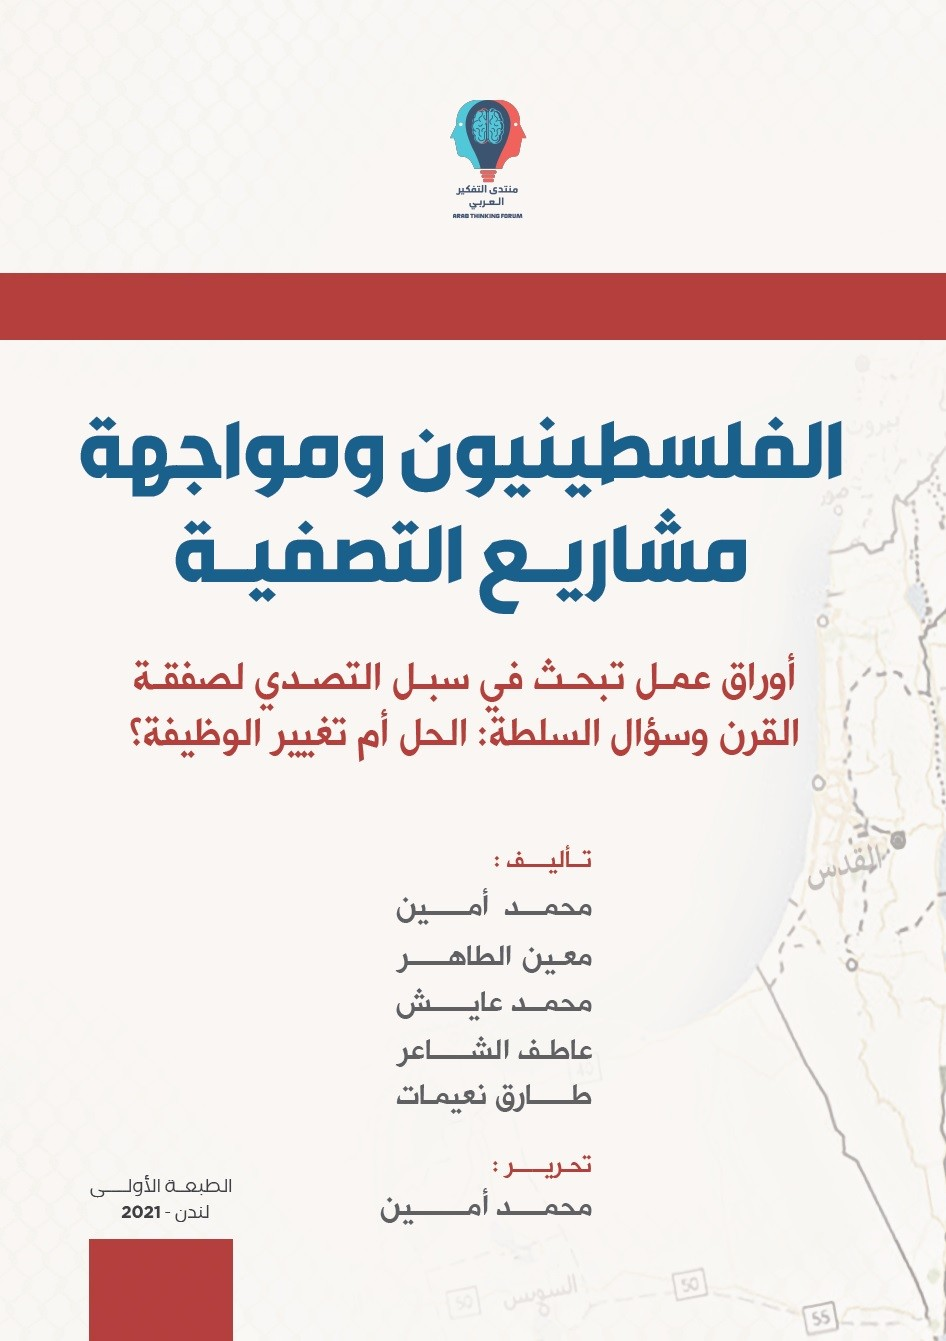 الفلسطينيون ومواجهة مشاريع التصفية